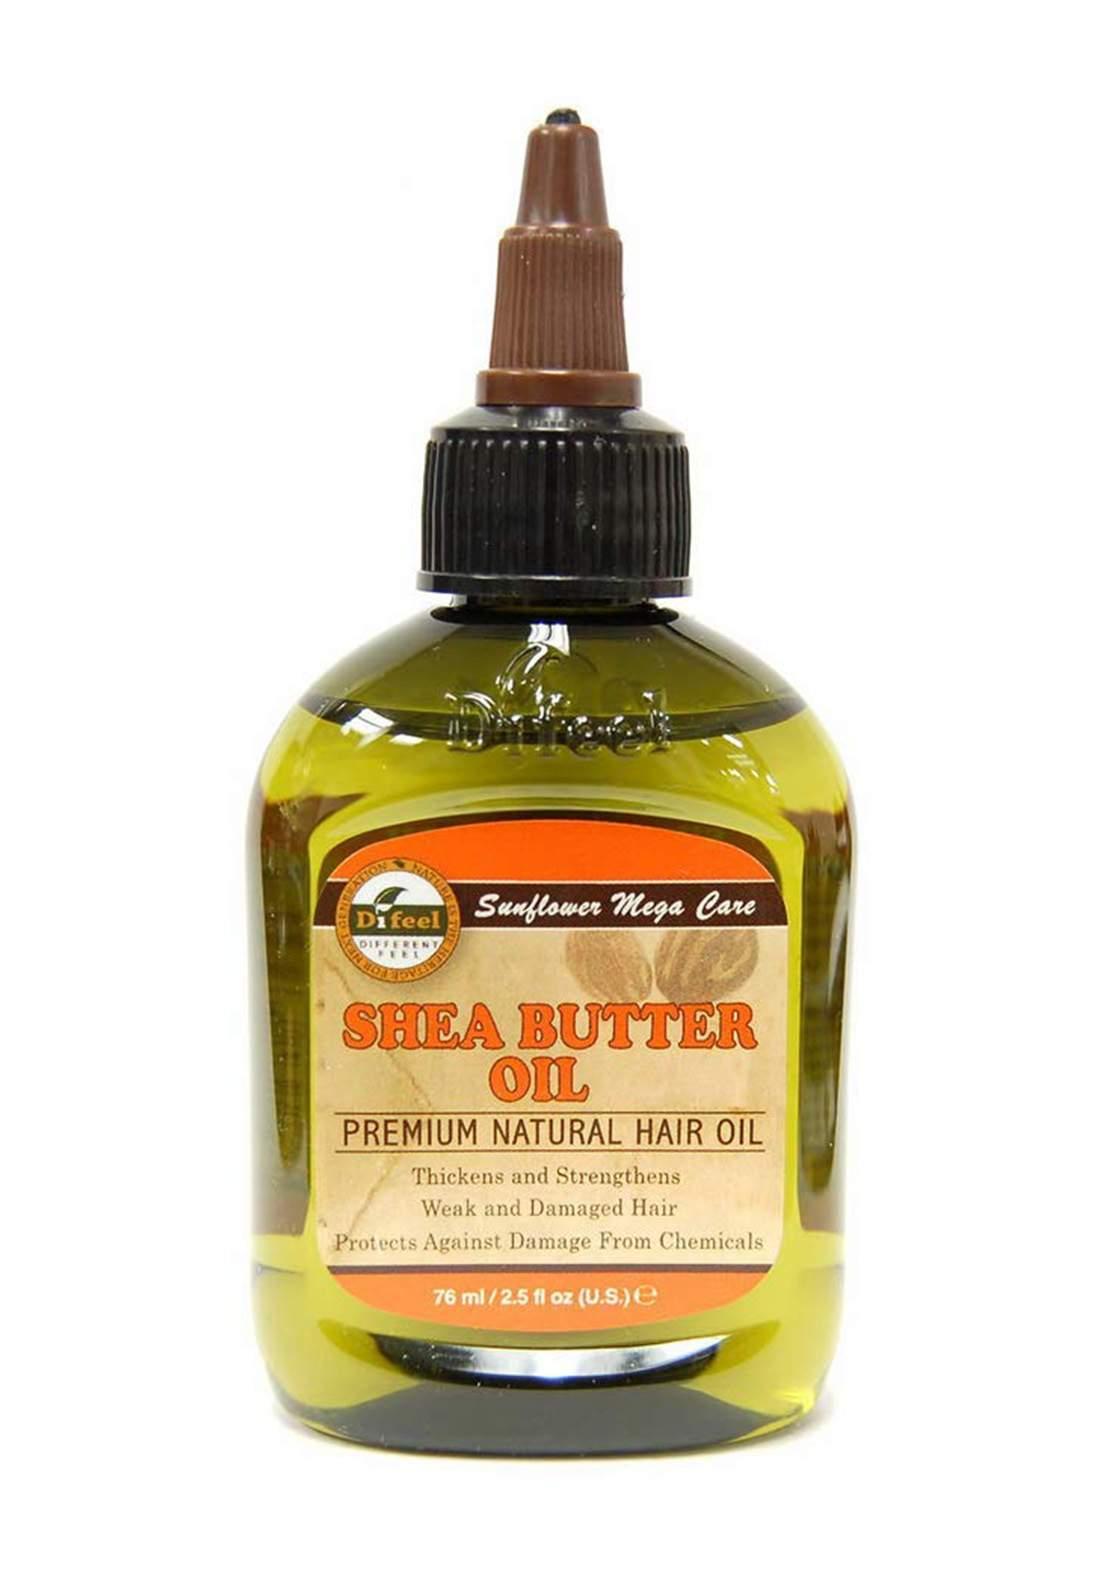 Difeel Shea Butter Oil Premium Natural Hair Oil 75 ml زيت للشعر